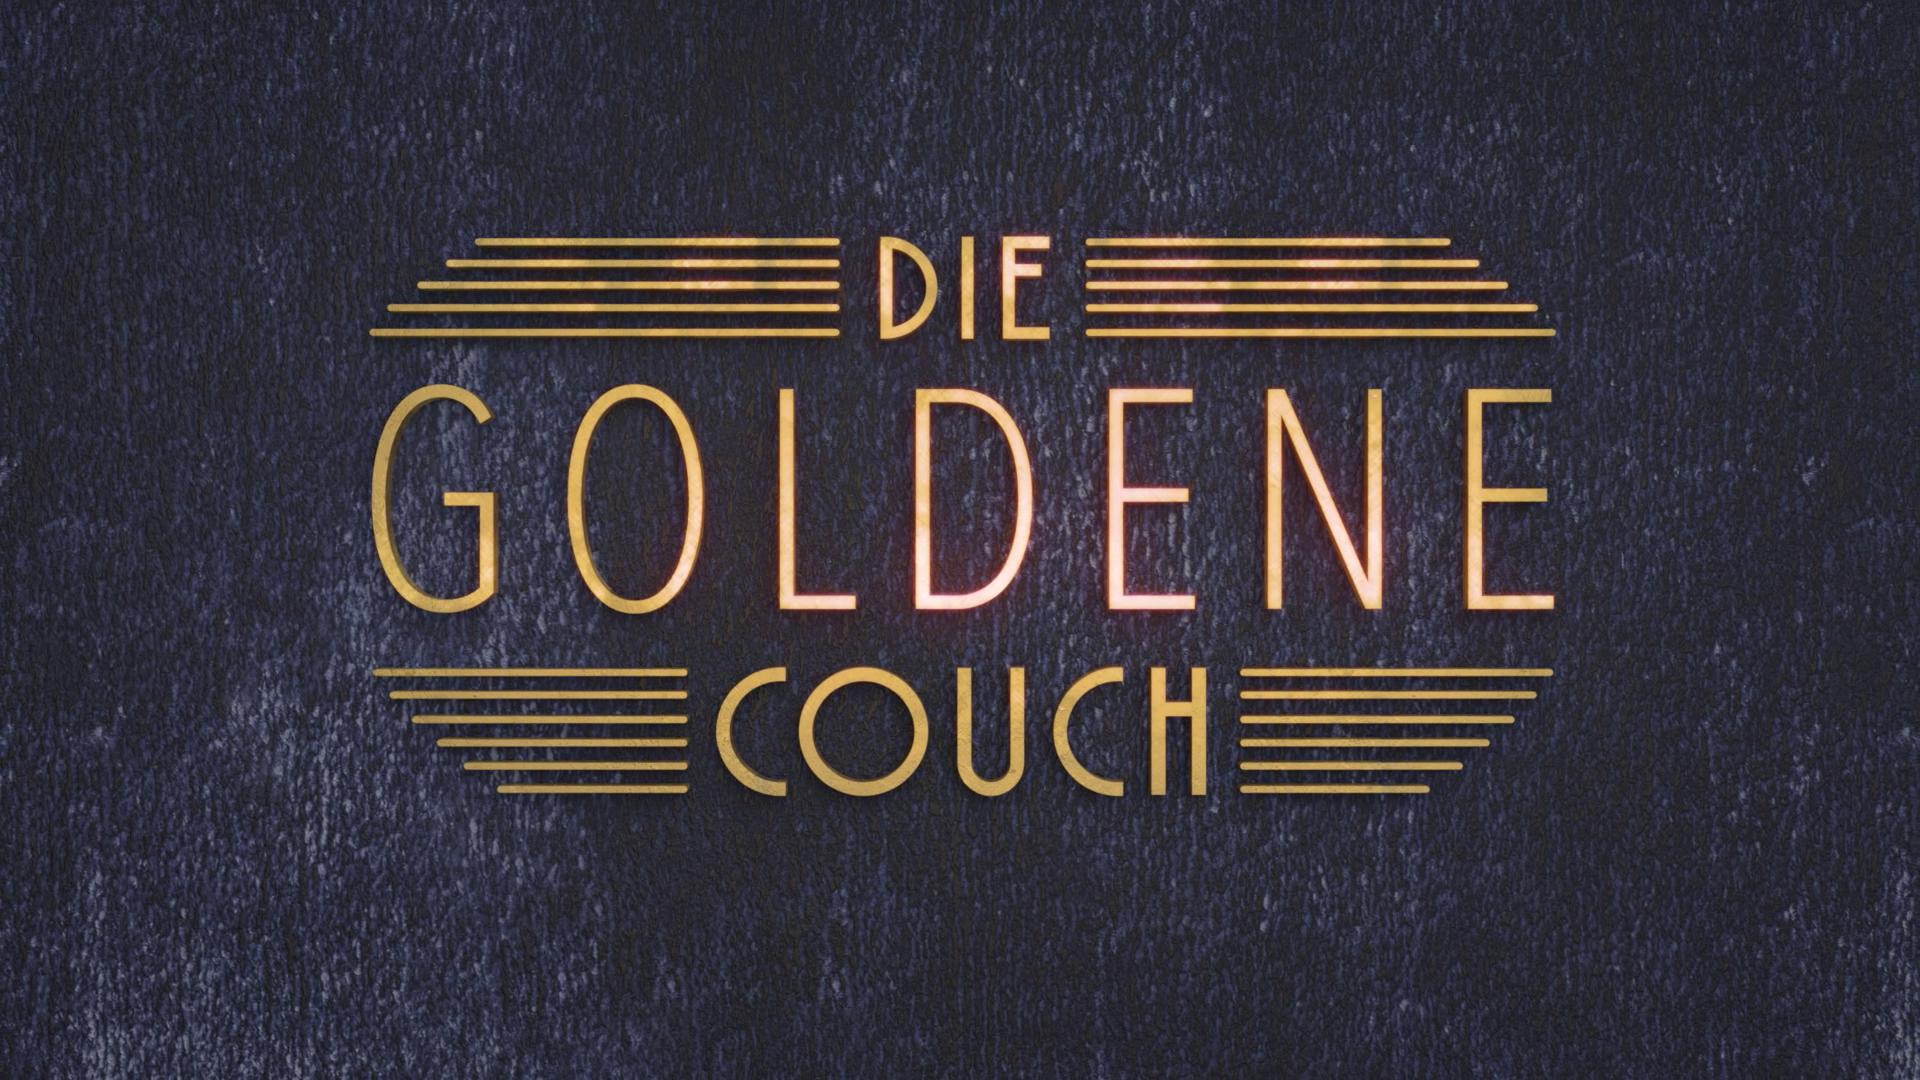 Die Goldene Couch